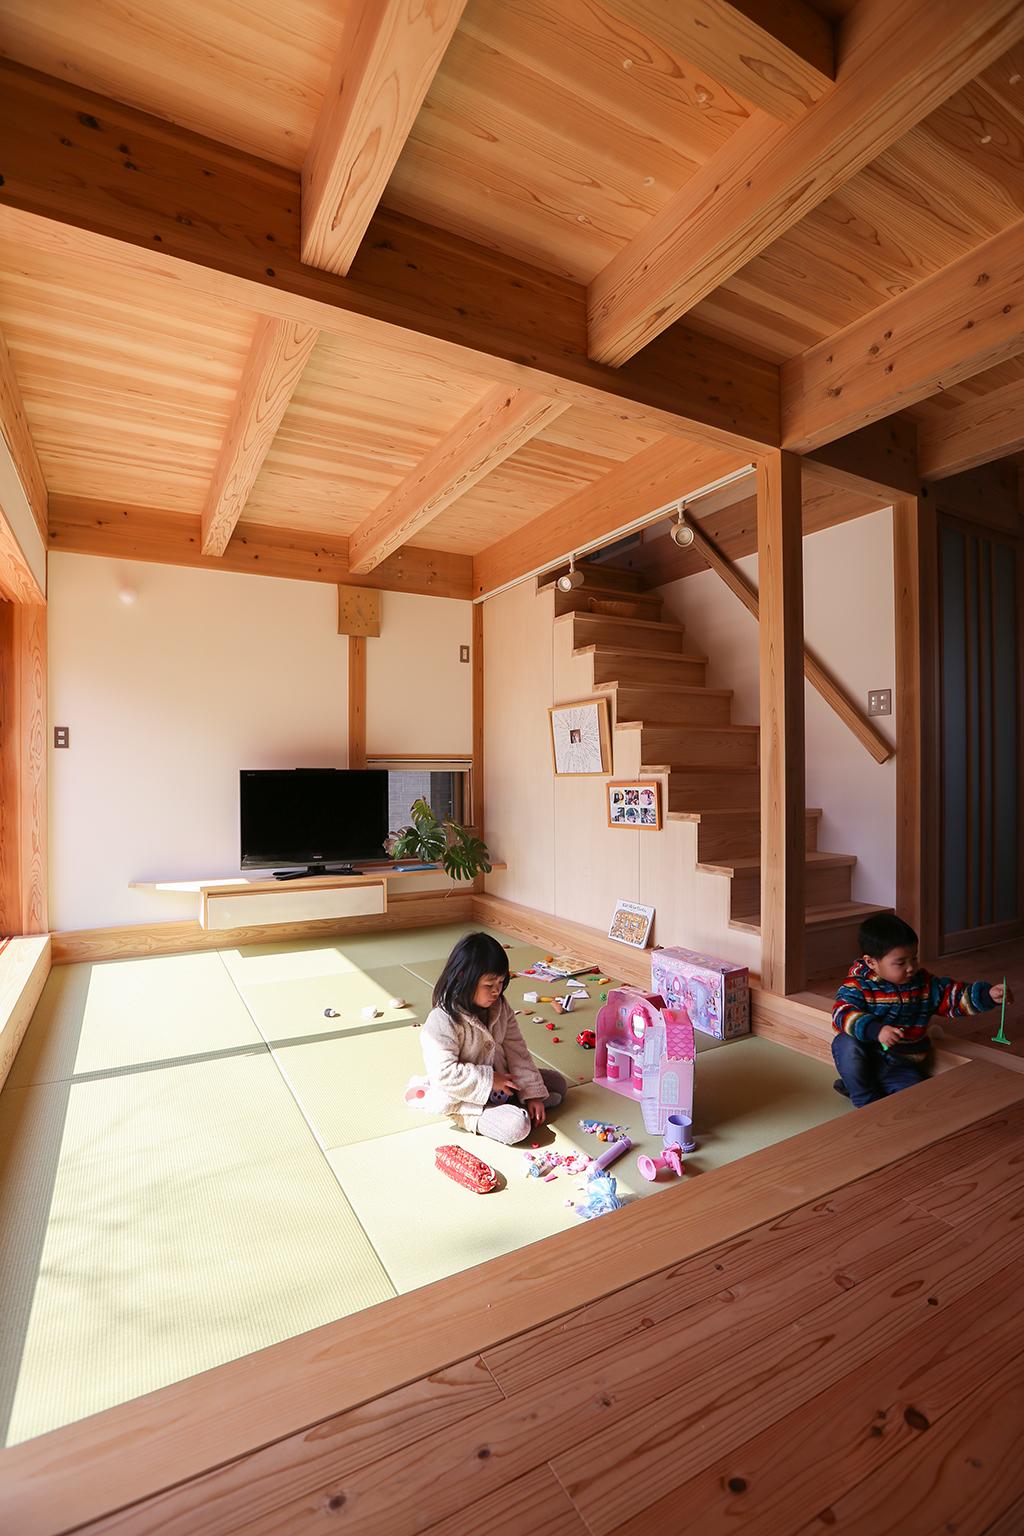 高砂市の木の家 畳リビングで遊ぶお子さま